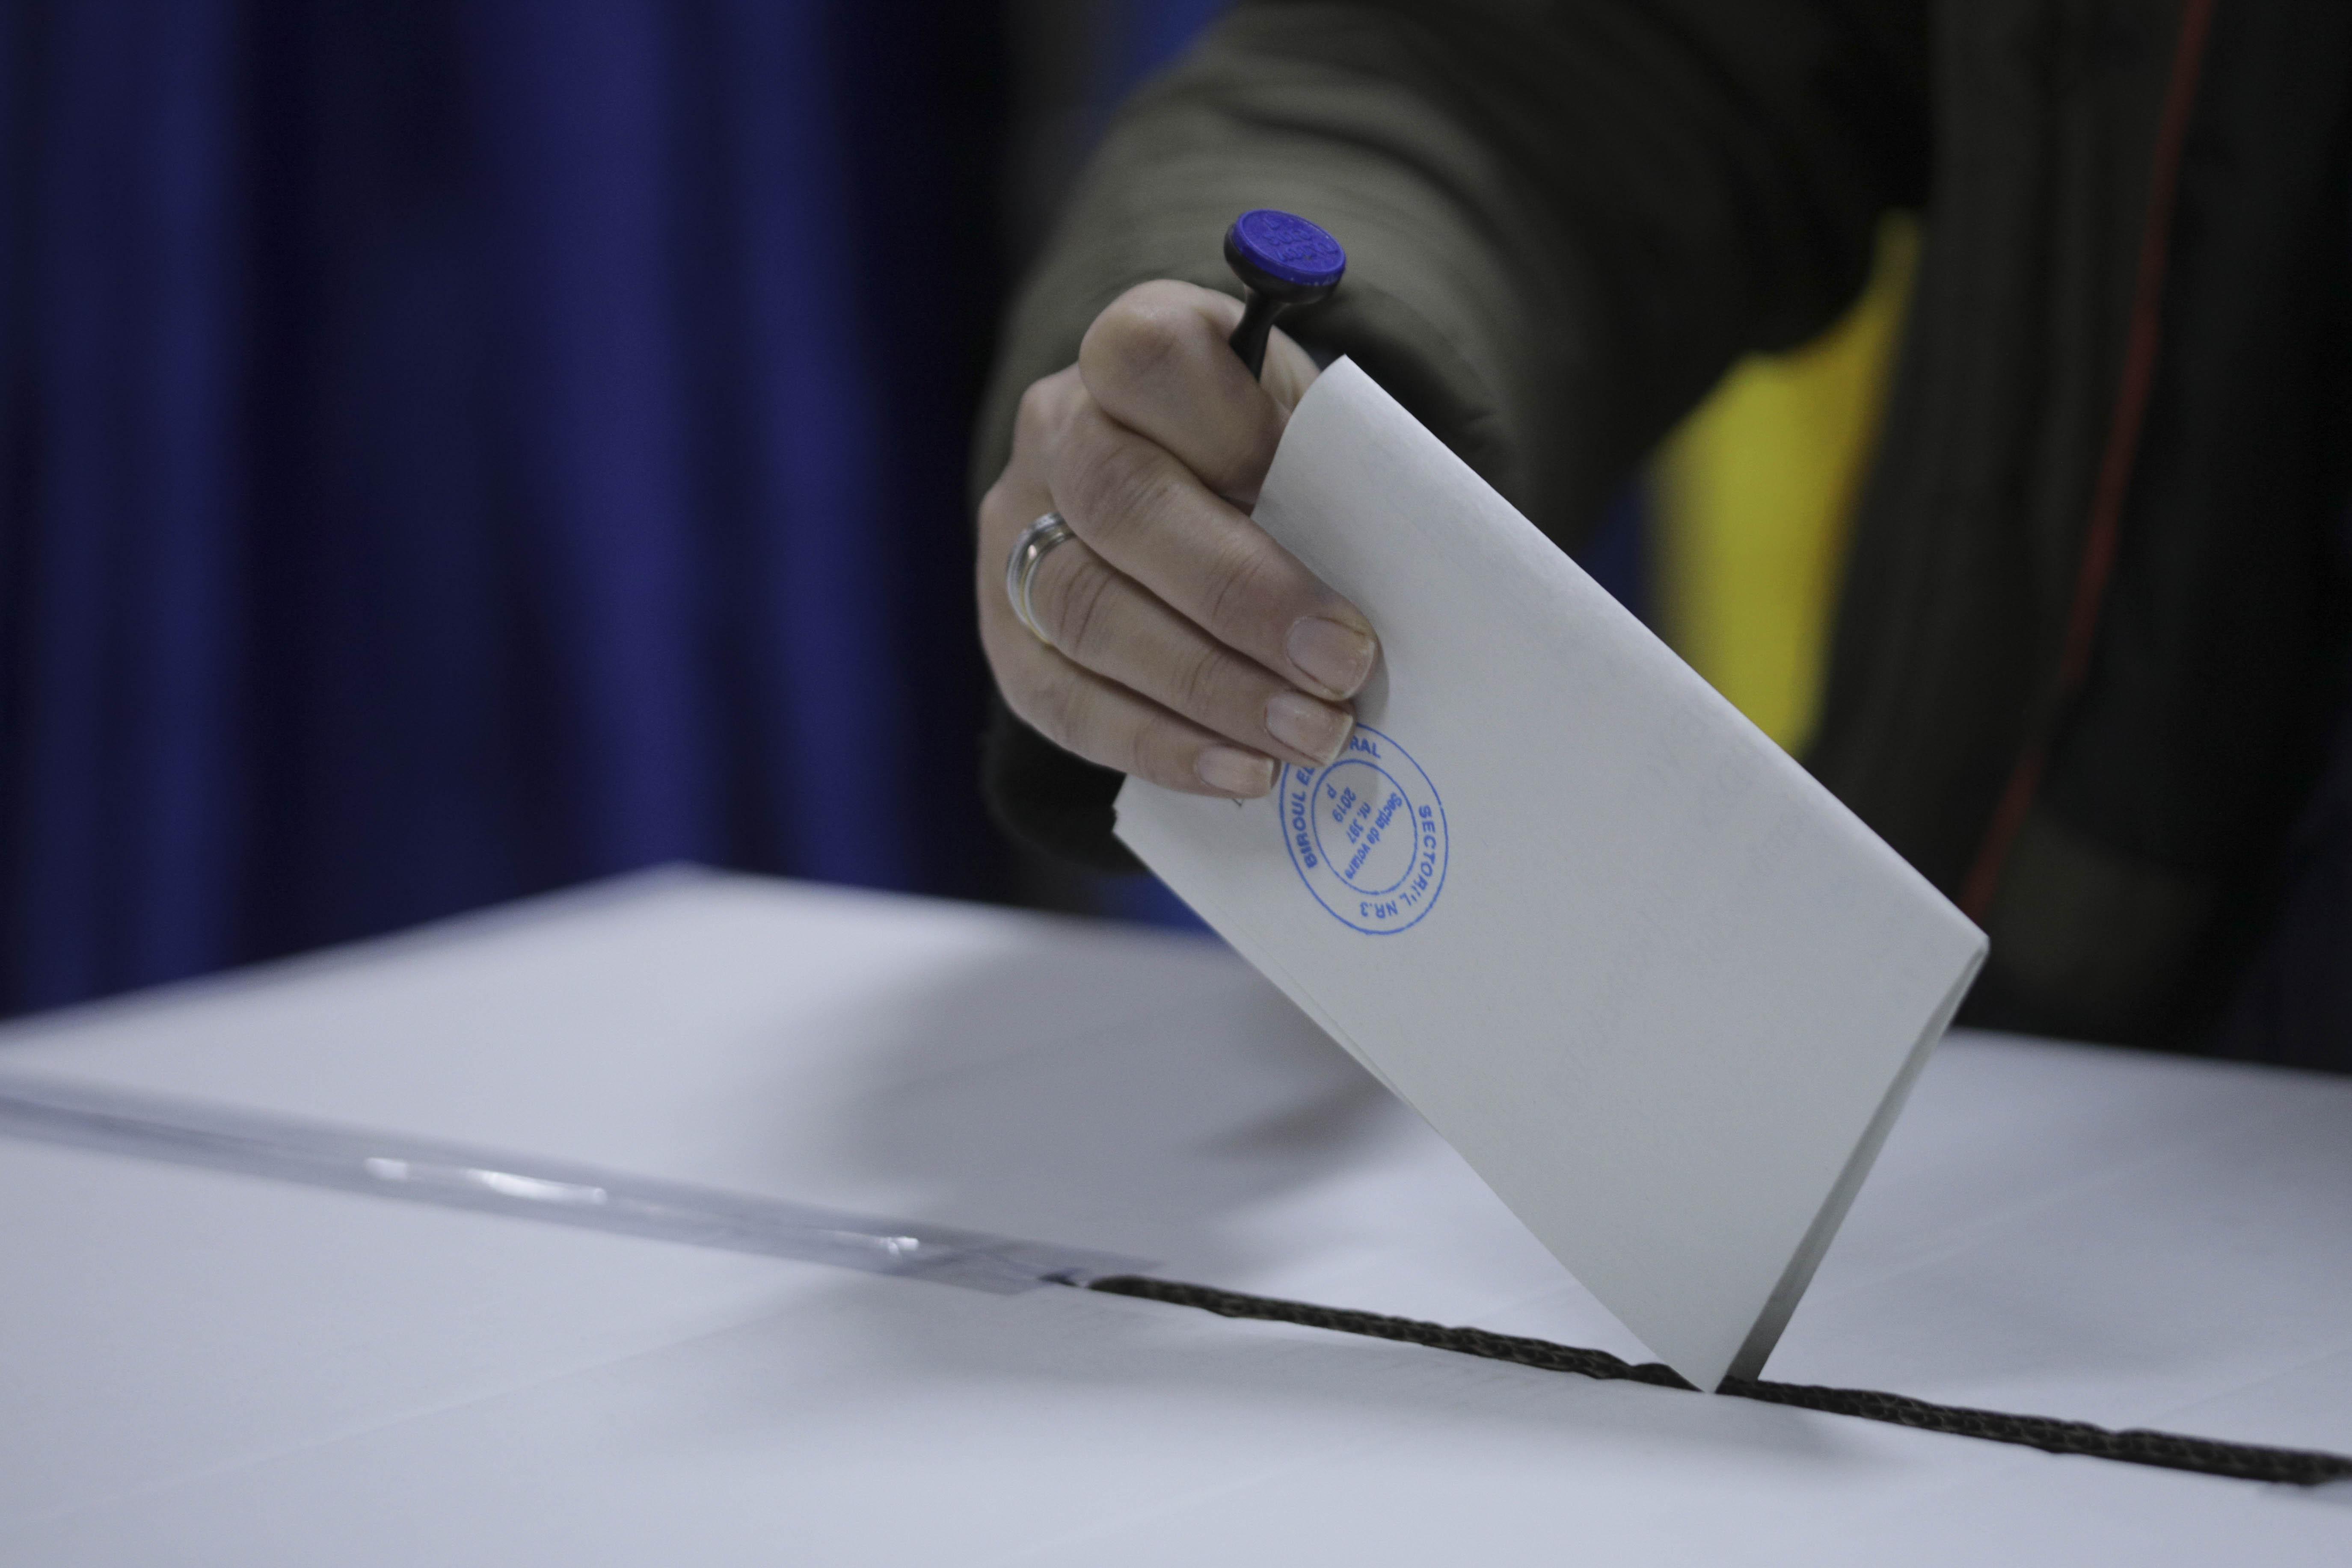 Alegeri Prezidențiale 2019. Turul 2 s-a încheiat și la ultimele secții din diaspora